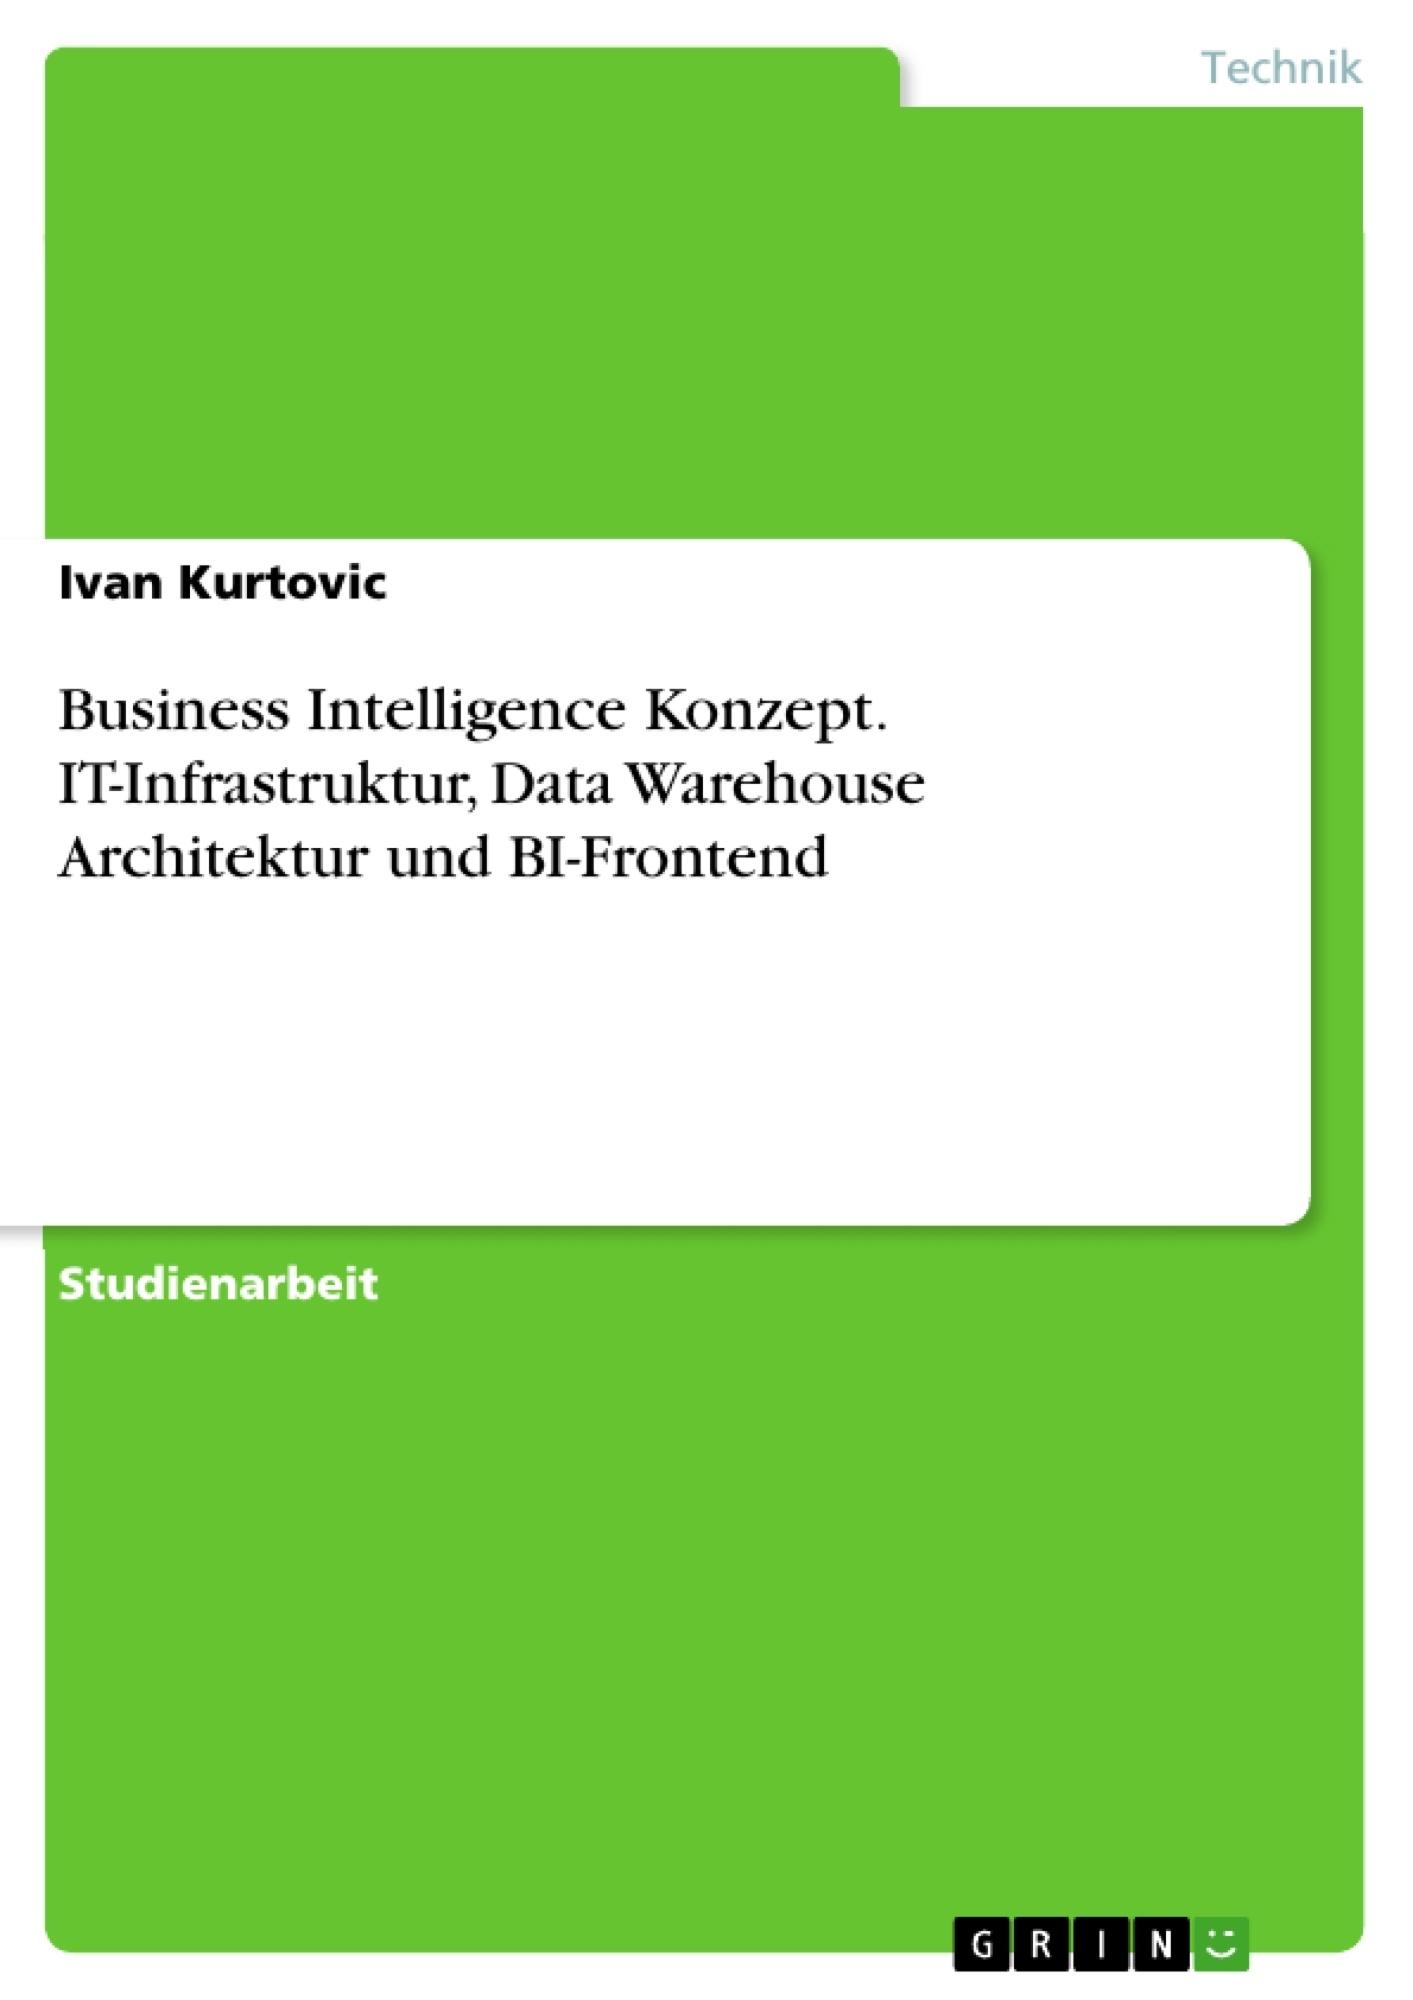 Titel: Business Intelligence Konzept. IT-Infrastruktur, Data Warehouse Architektur und BI-Frontend